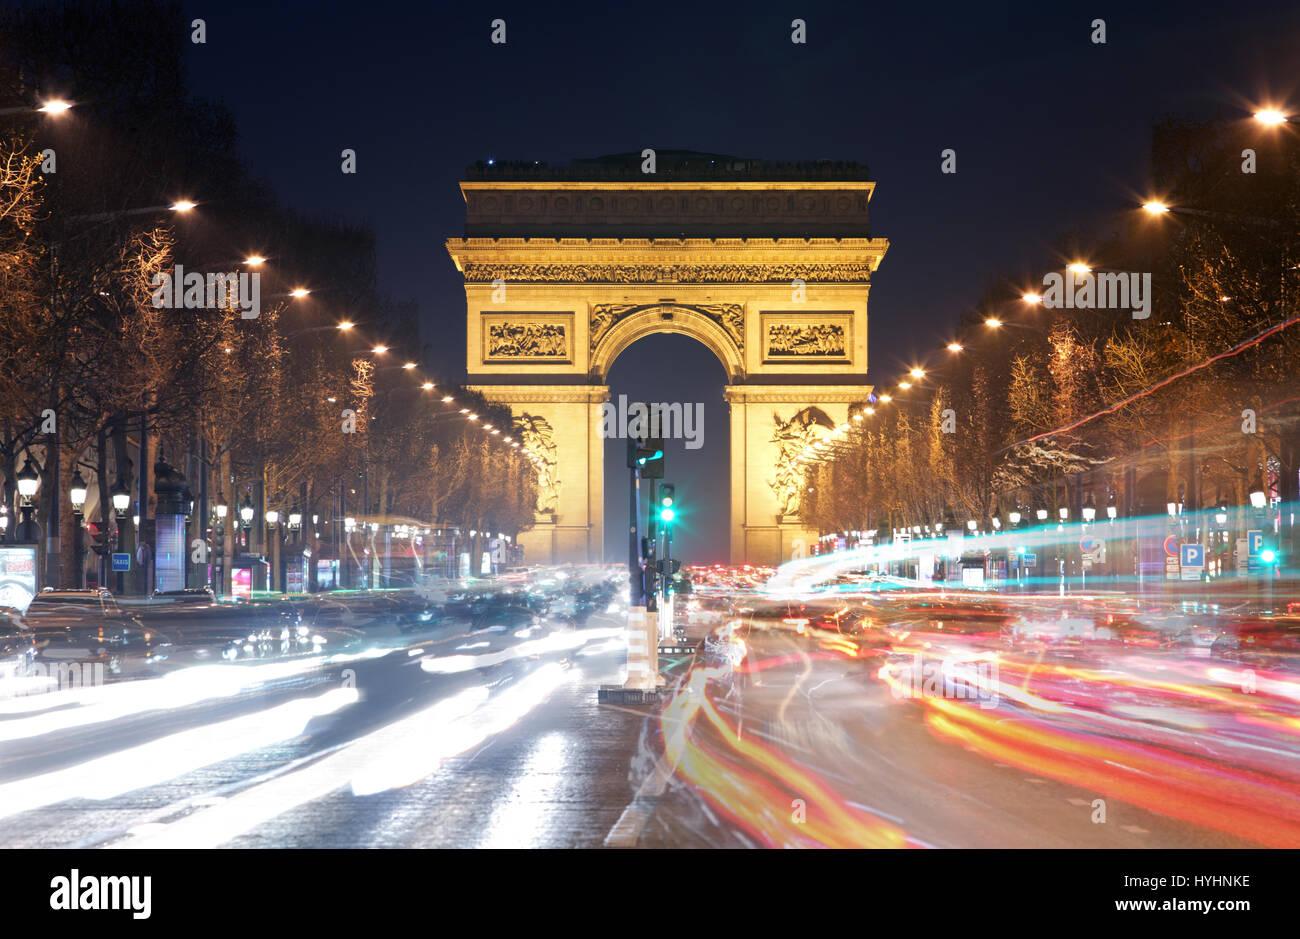 Arc de triomphe Paris city at sunset - Stock Image